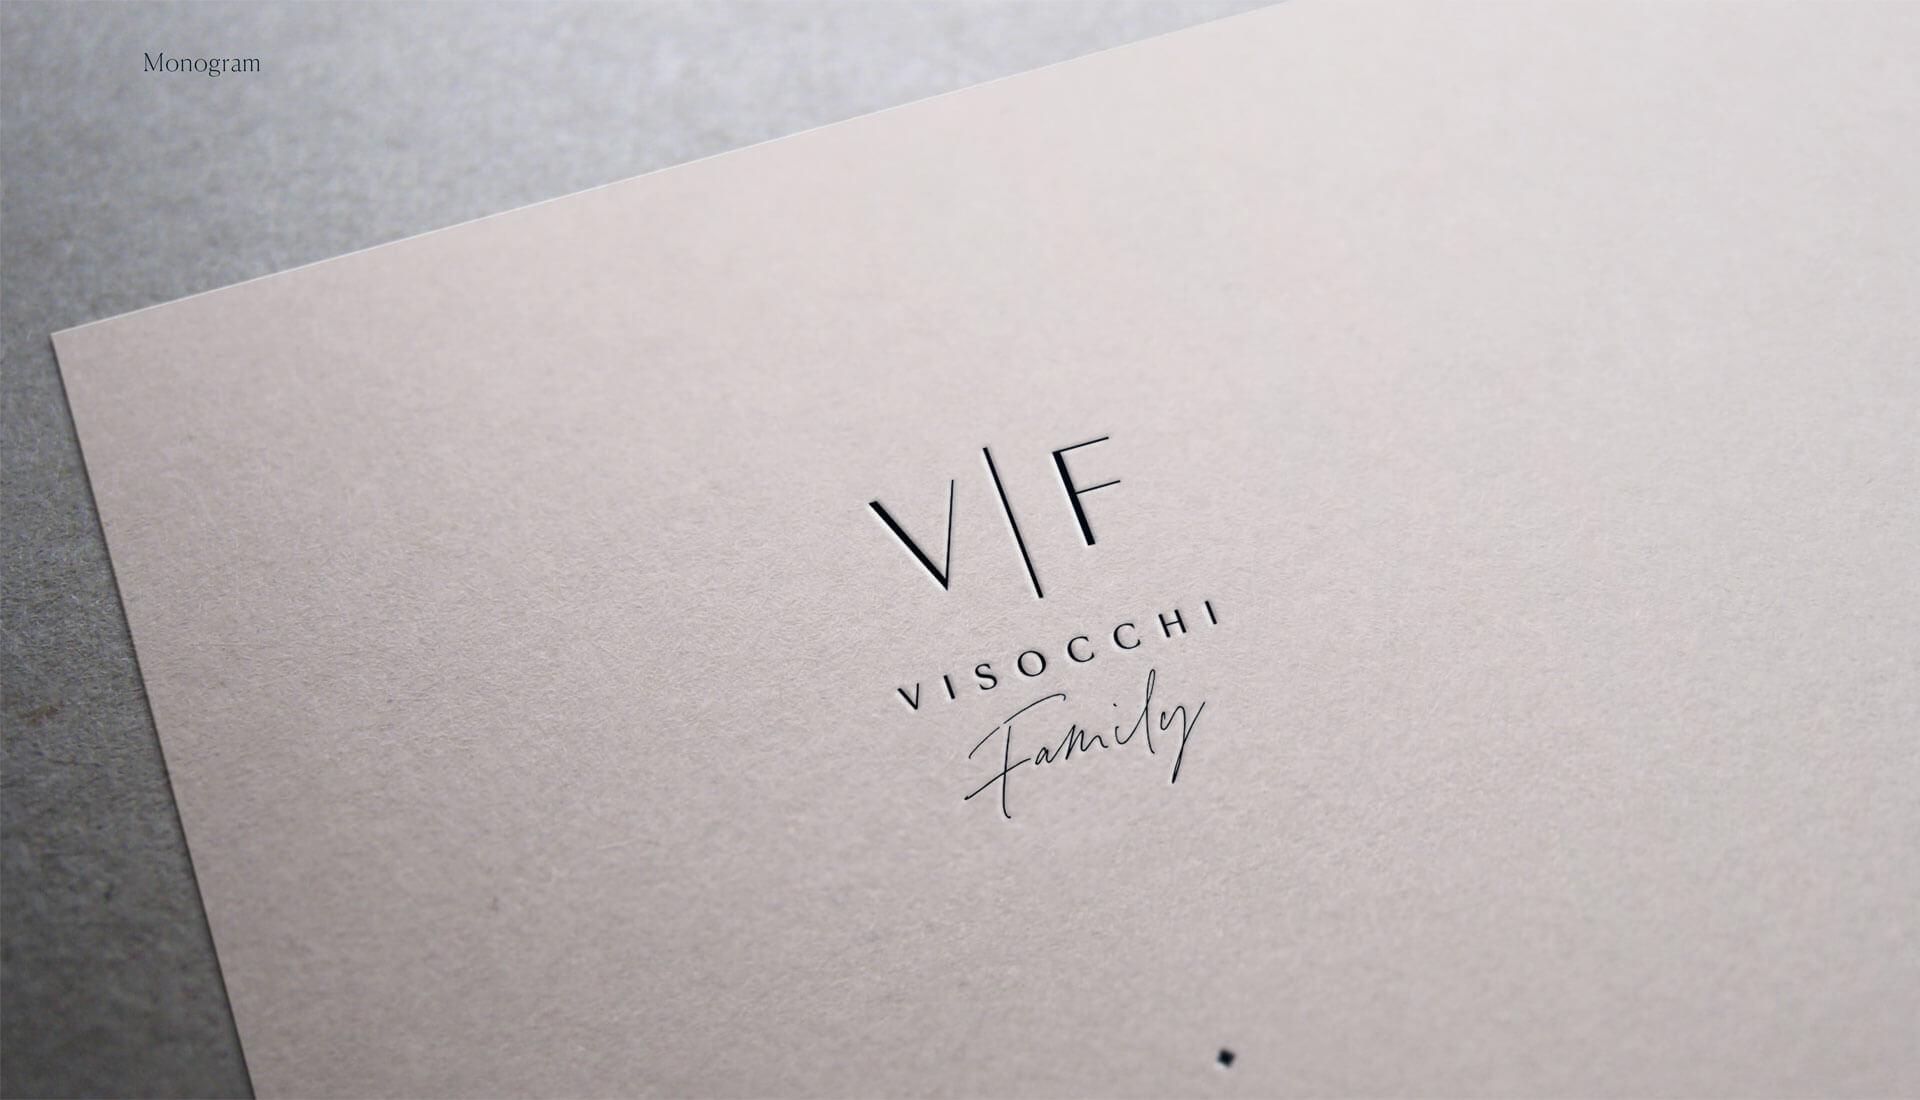 vissochi-hotelman-portfolio-8